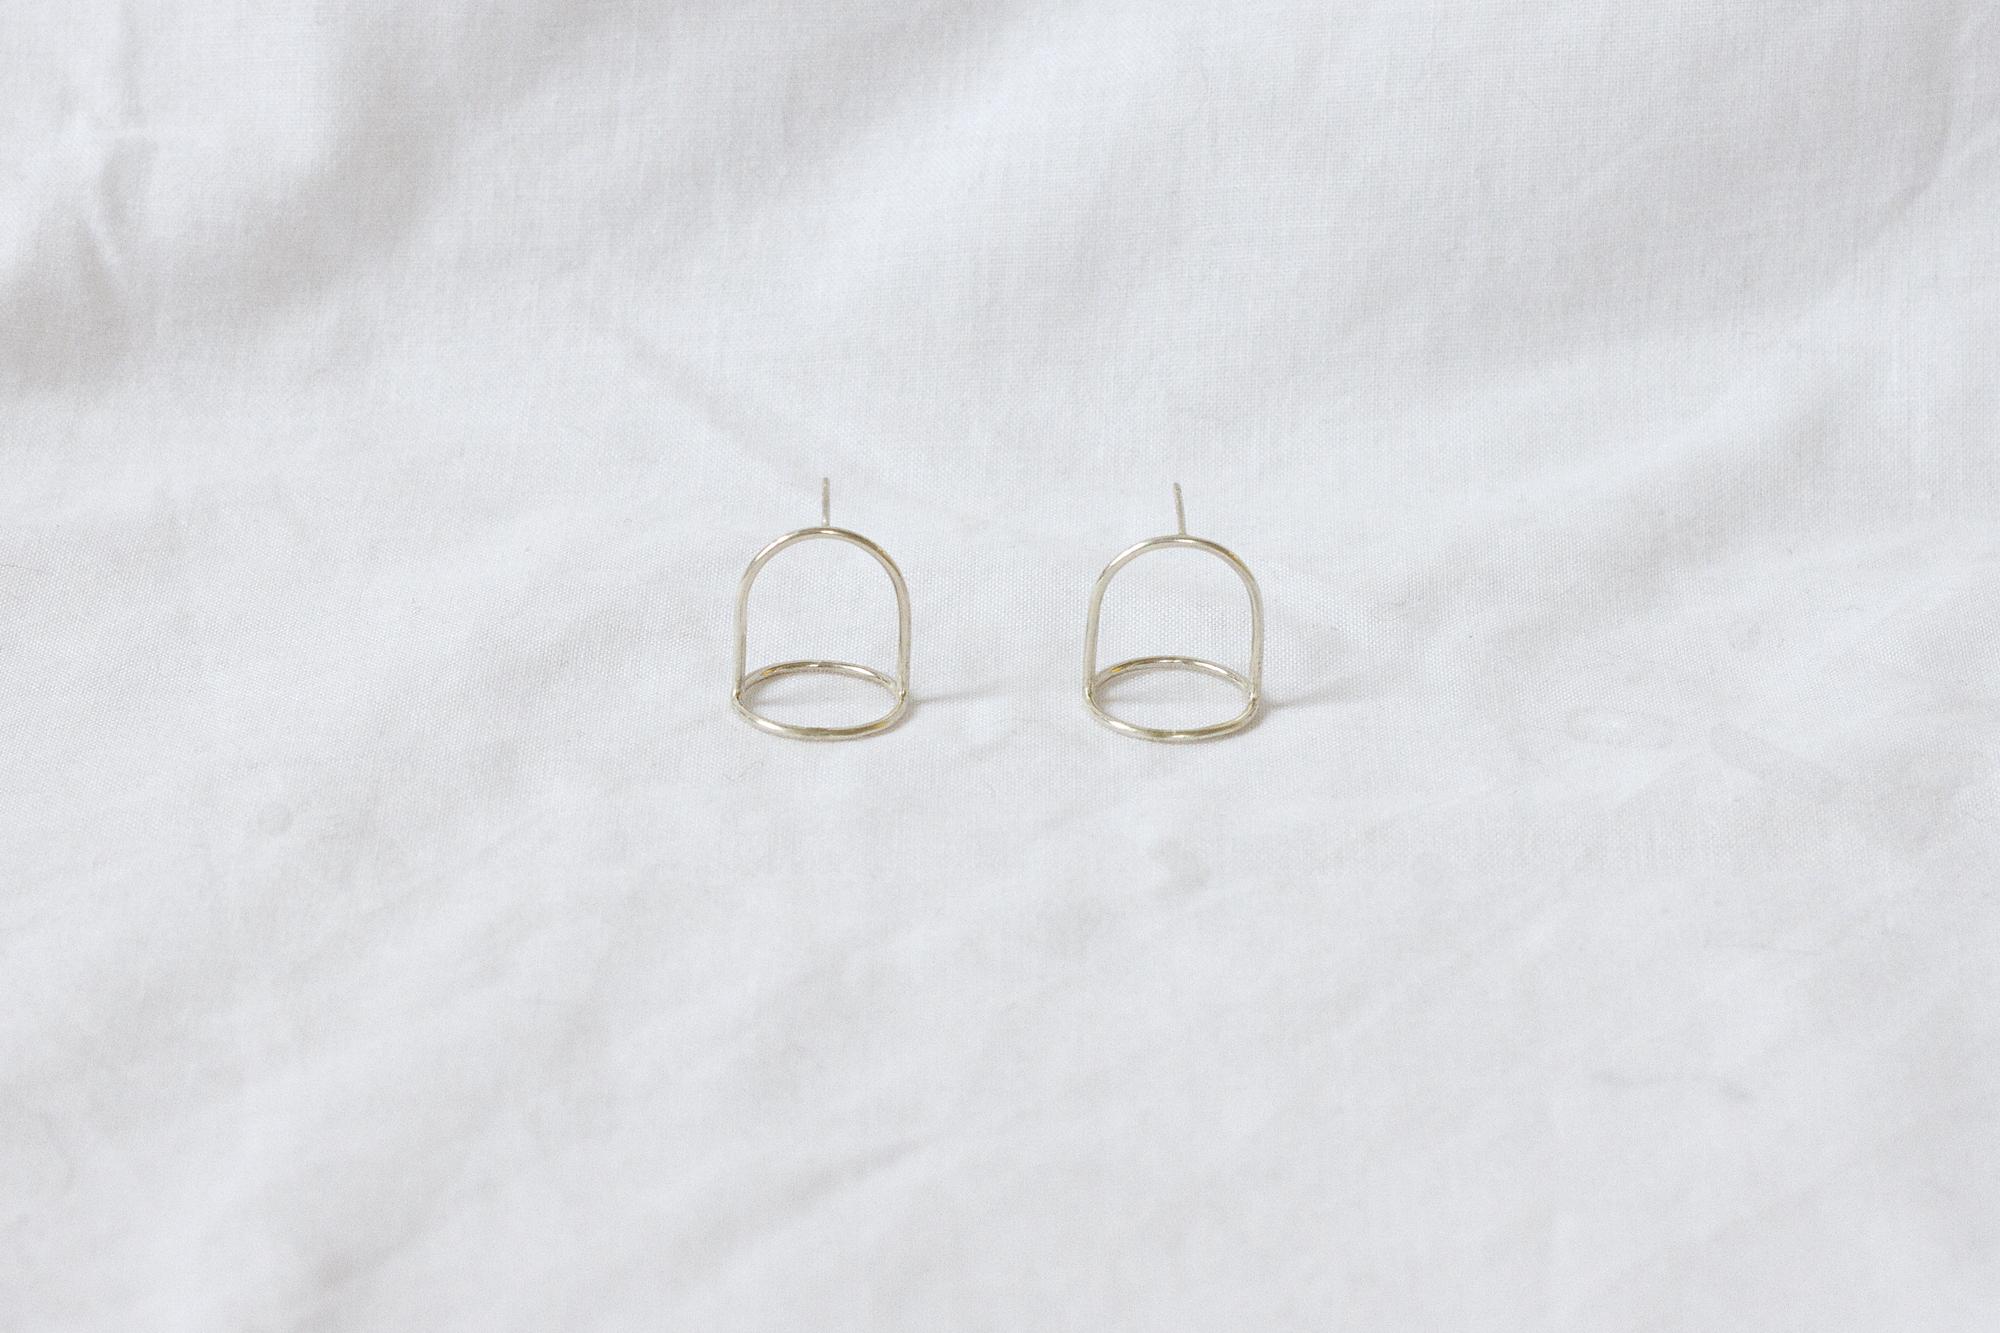 Mini Bell Jar earrings